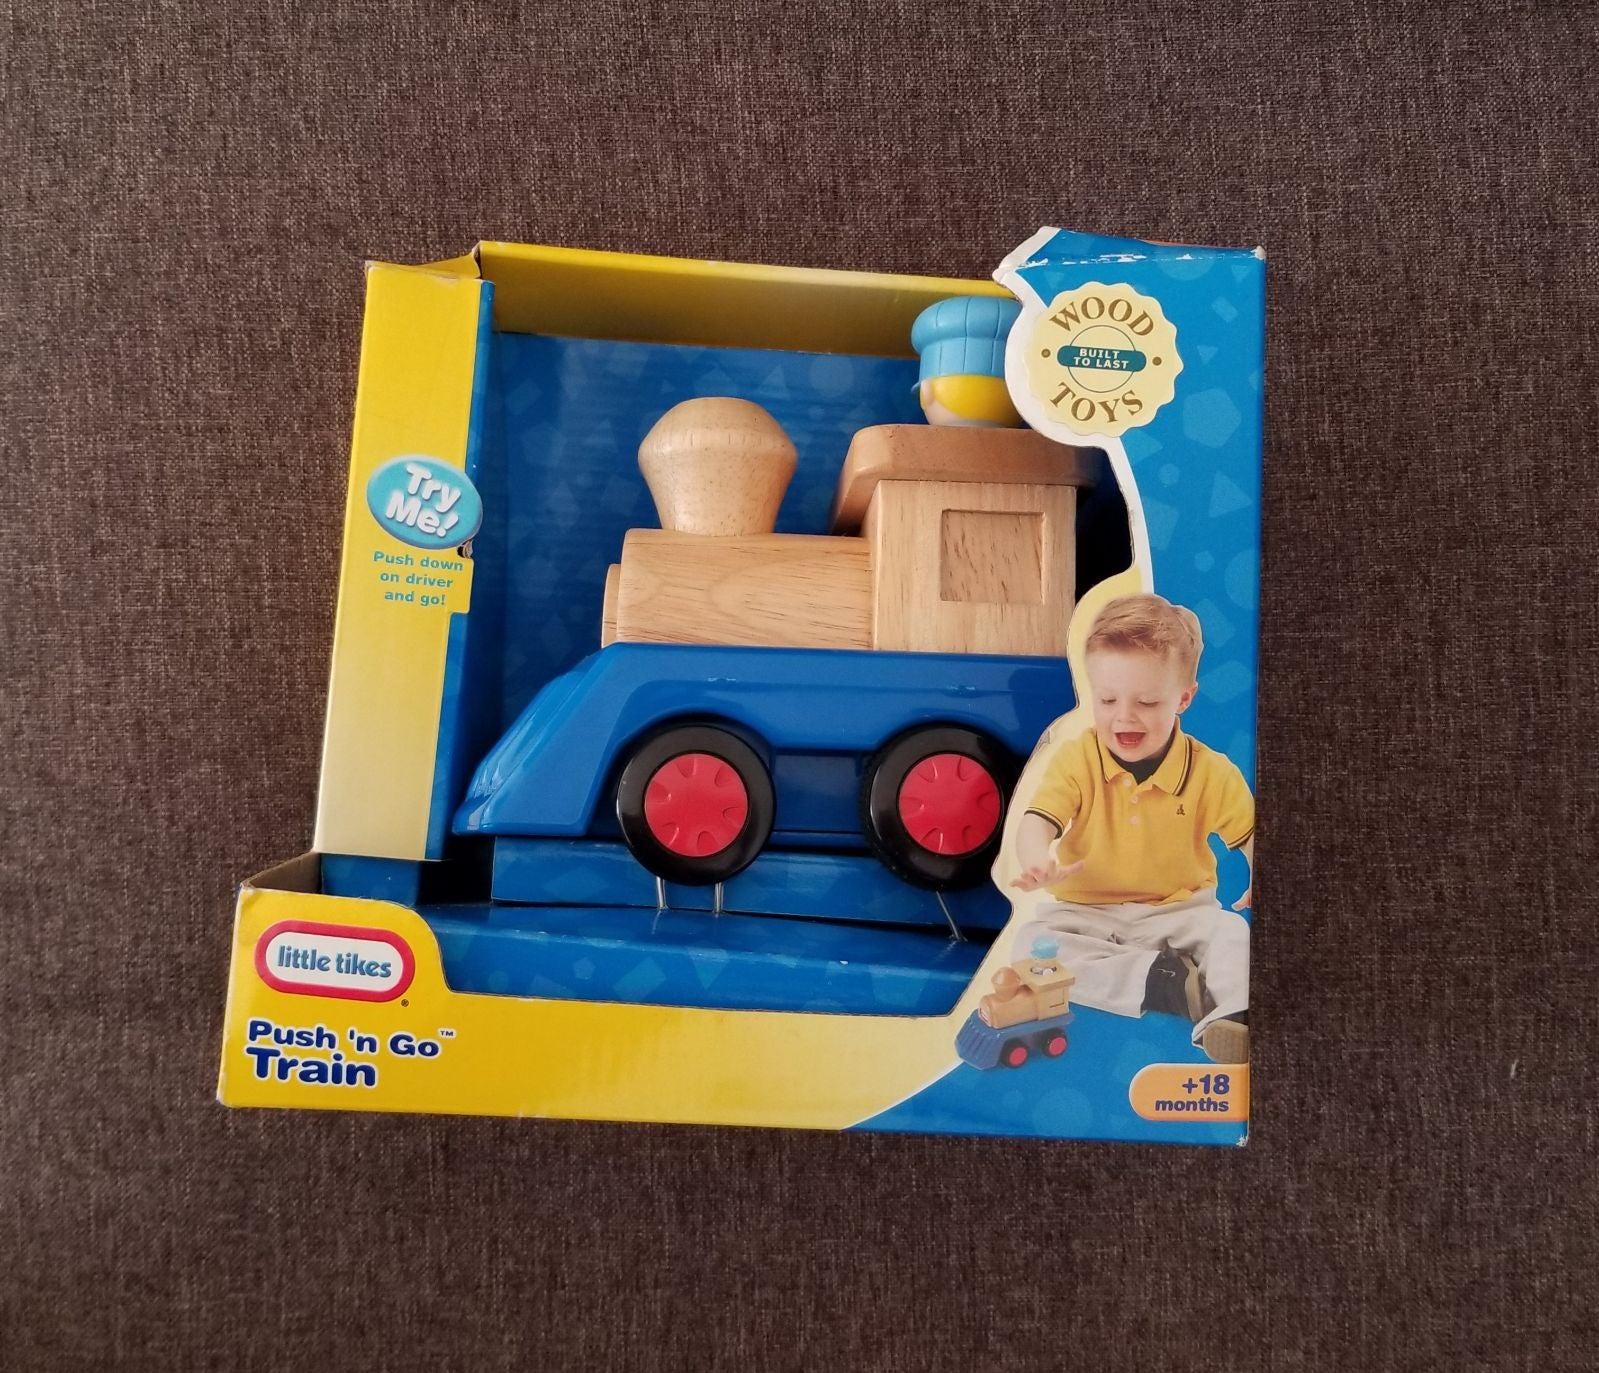 LITTLE TIKES Wood Train Push 'n Go